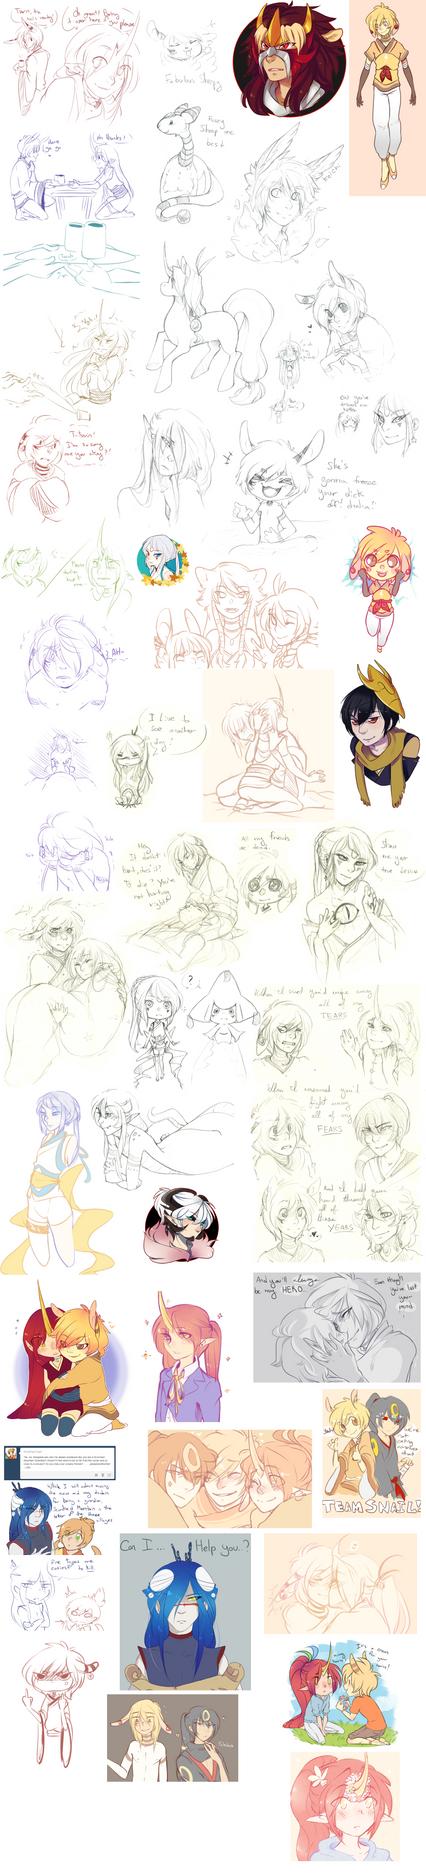 Pokimono Sketch Dump 6 by loverofscythe